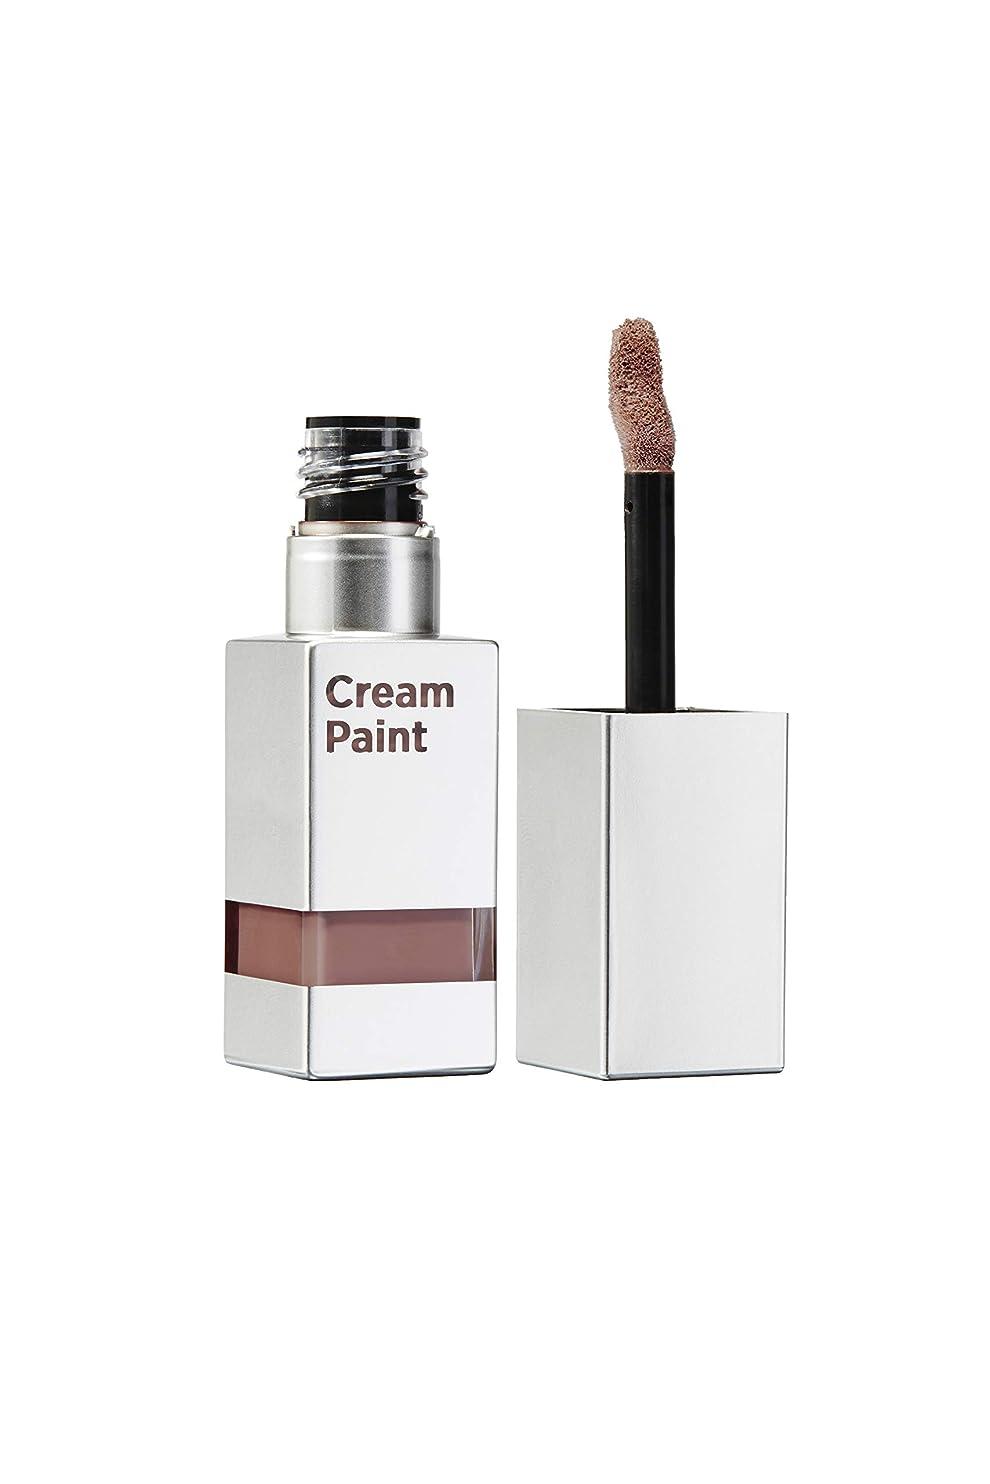 課す共産主義各ムーンショット(moonshot) ブラックピンク クリームペイントライトフィットリップ MLBBリップ マットリップ リップスティック Moonshot Cream Paint Lightfit (M811 ヌーディブランチ Nudy Branch)